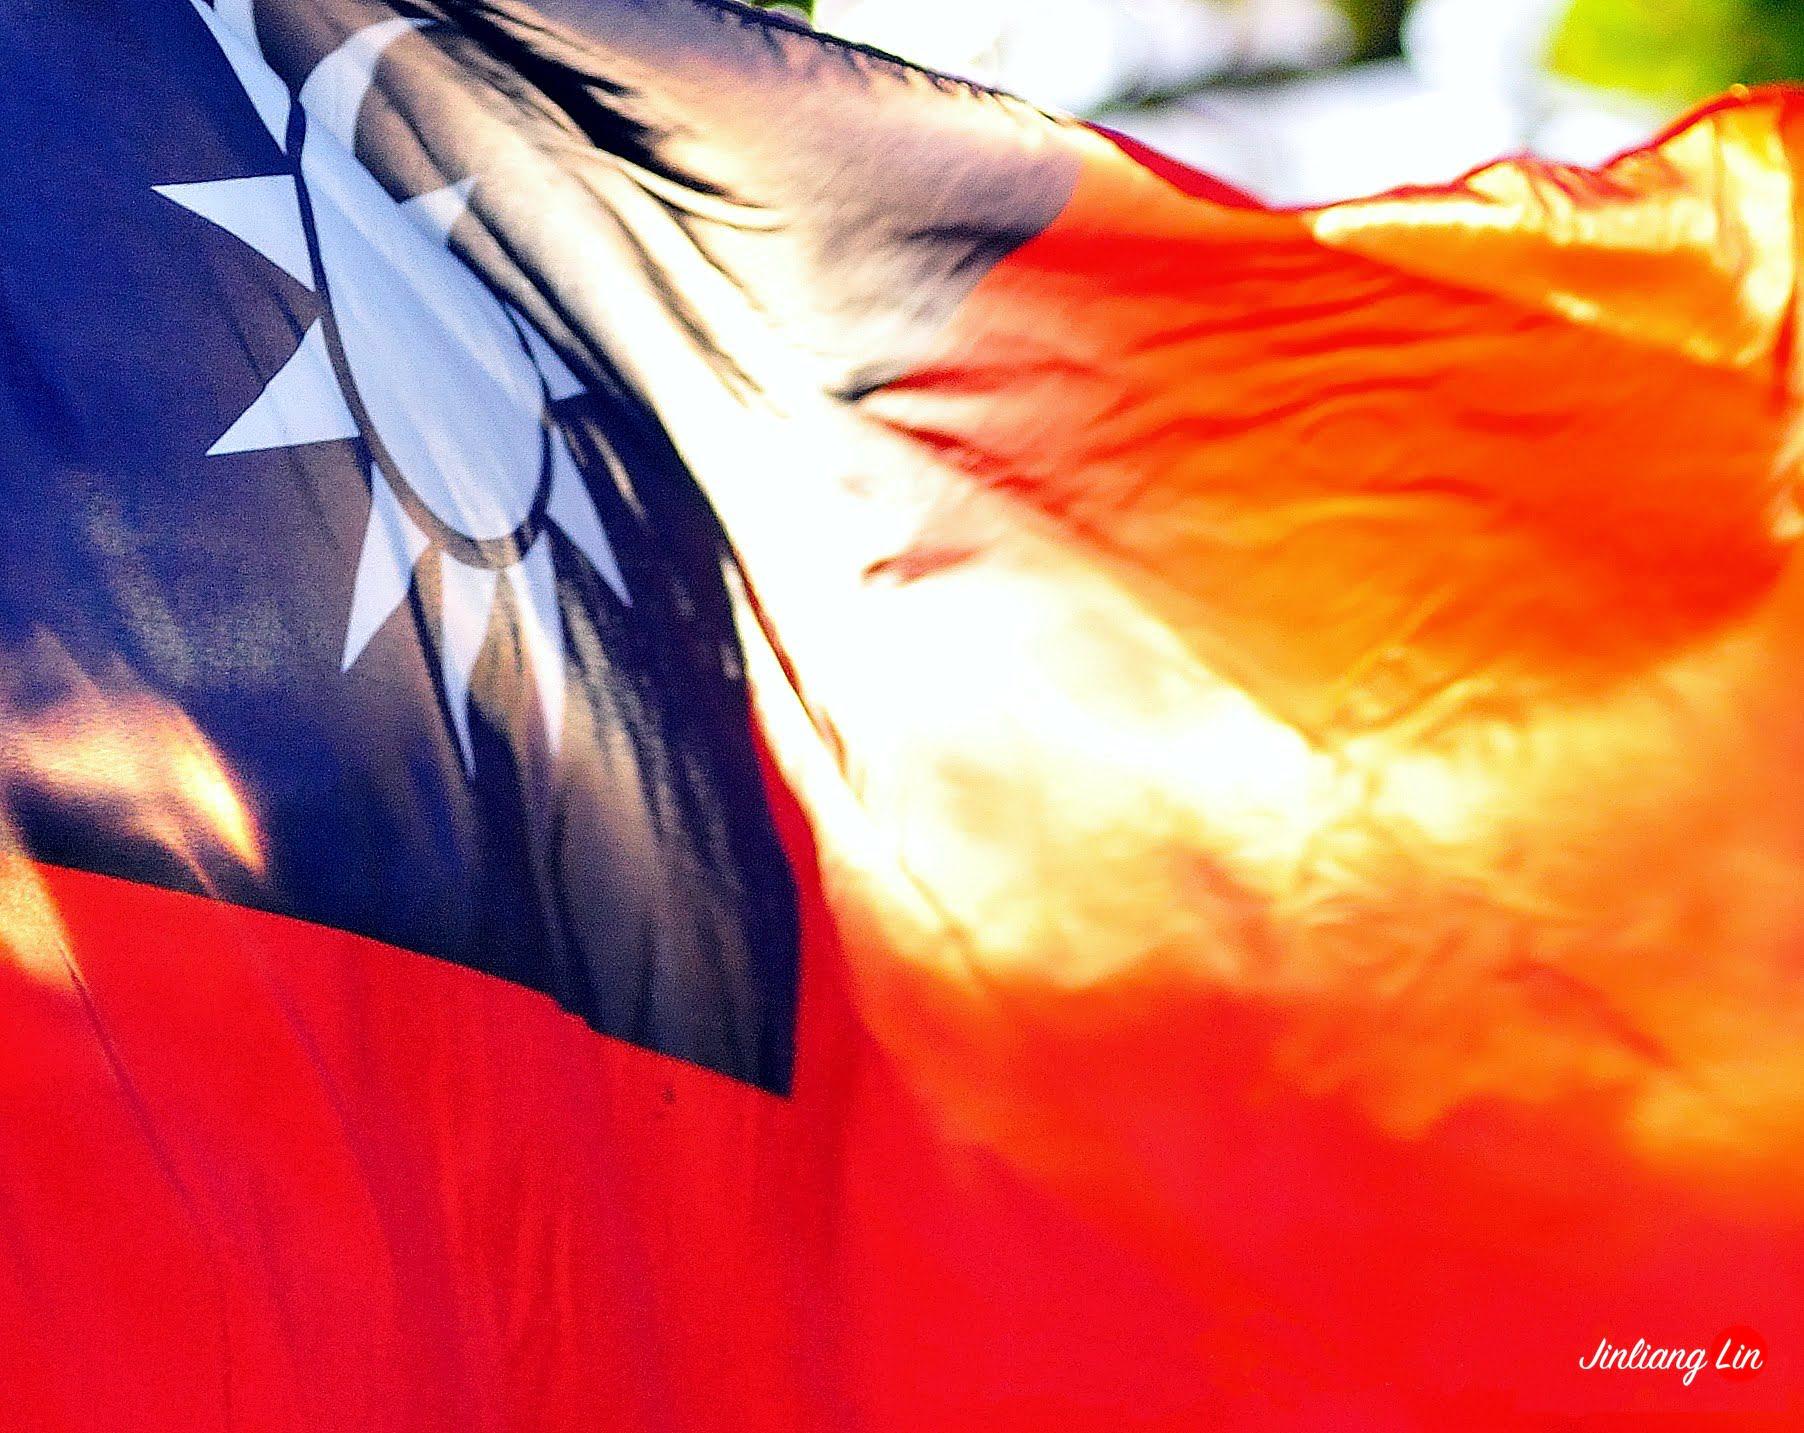 中華民國國旗 🇹🇼(台灣、澎湖、金門、馬祖、蘭嶼、綠島、東沙)